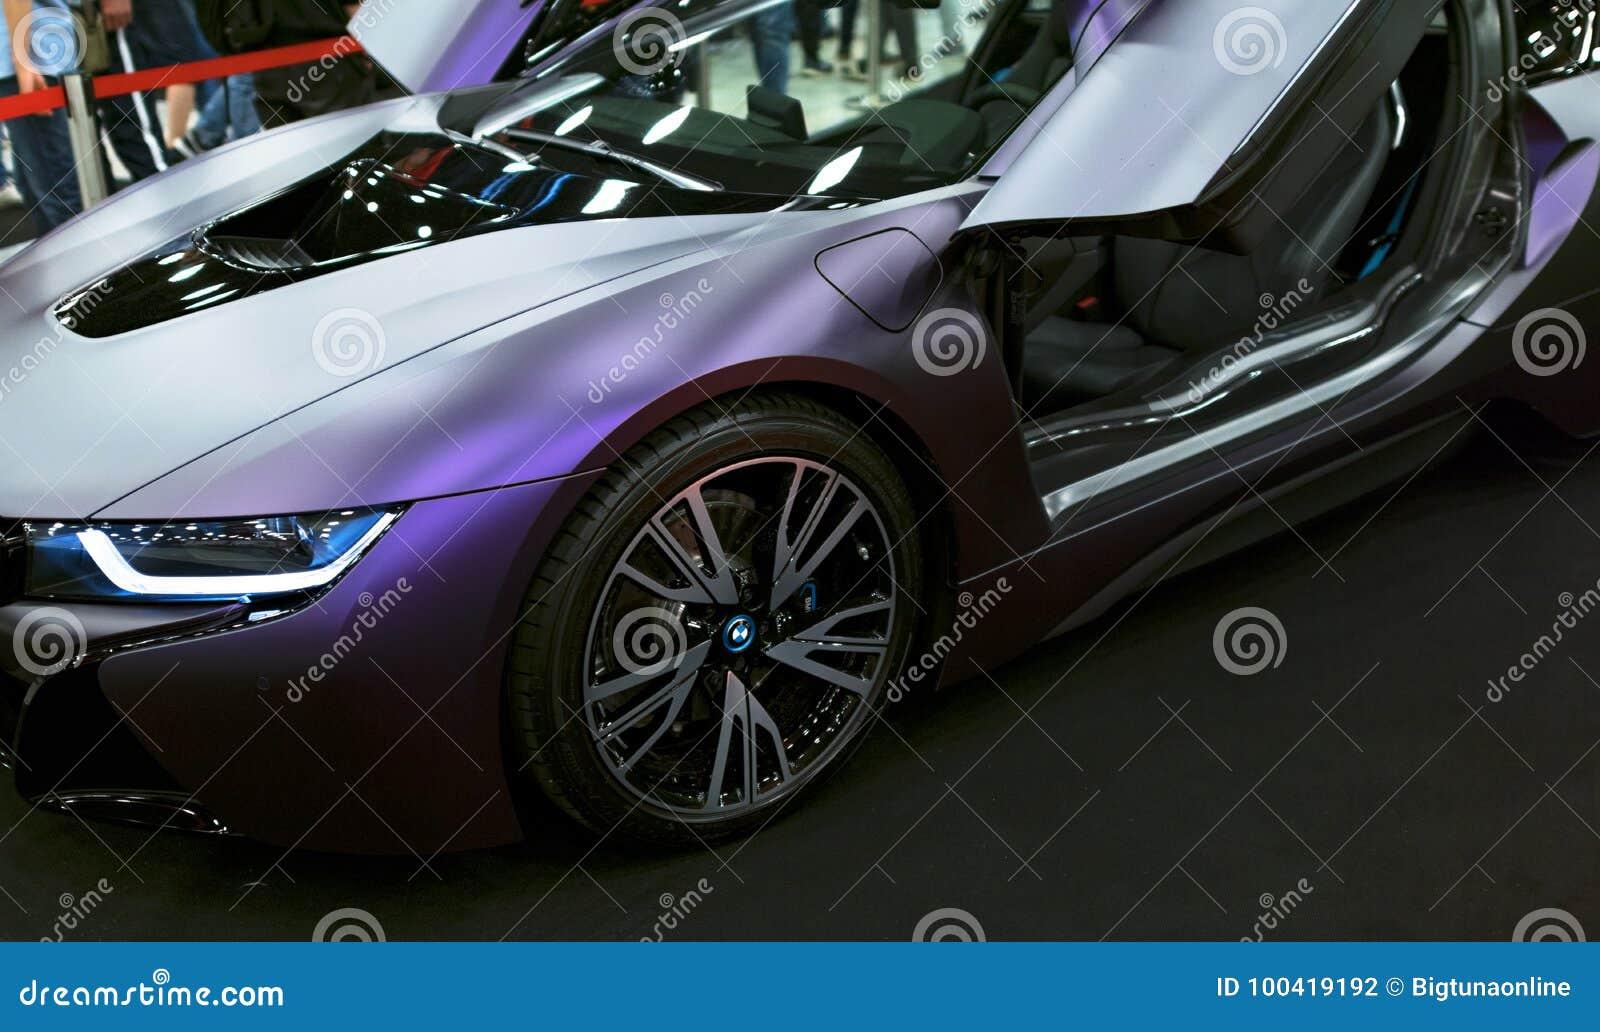 Luxury Bmw I8 Hybrid Electric Coupe Plug In Hybrid Sport Car